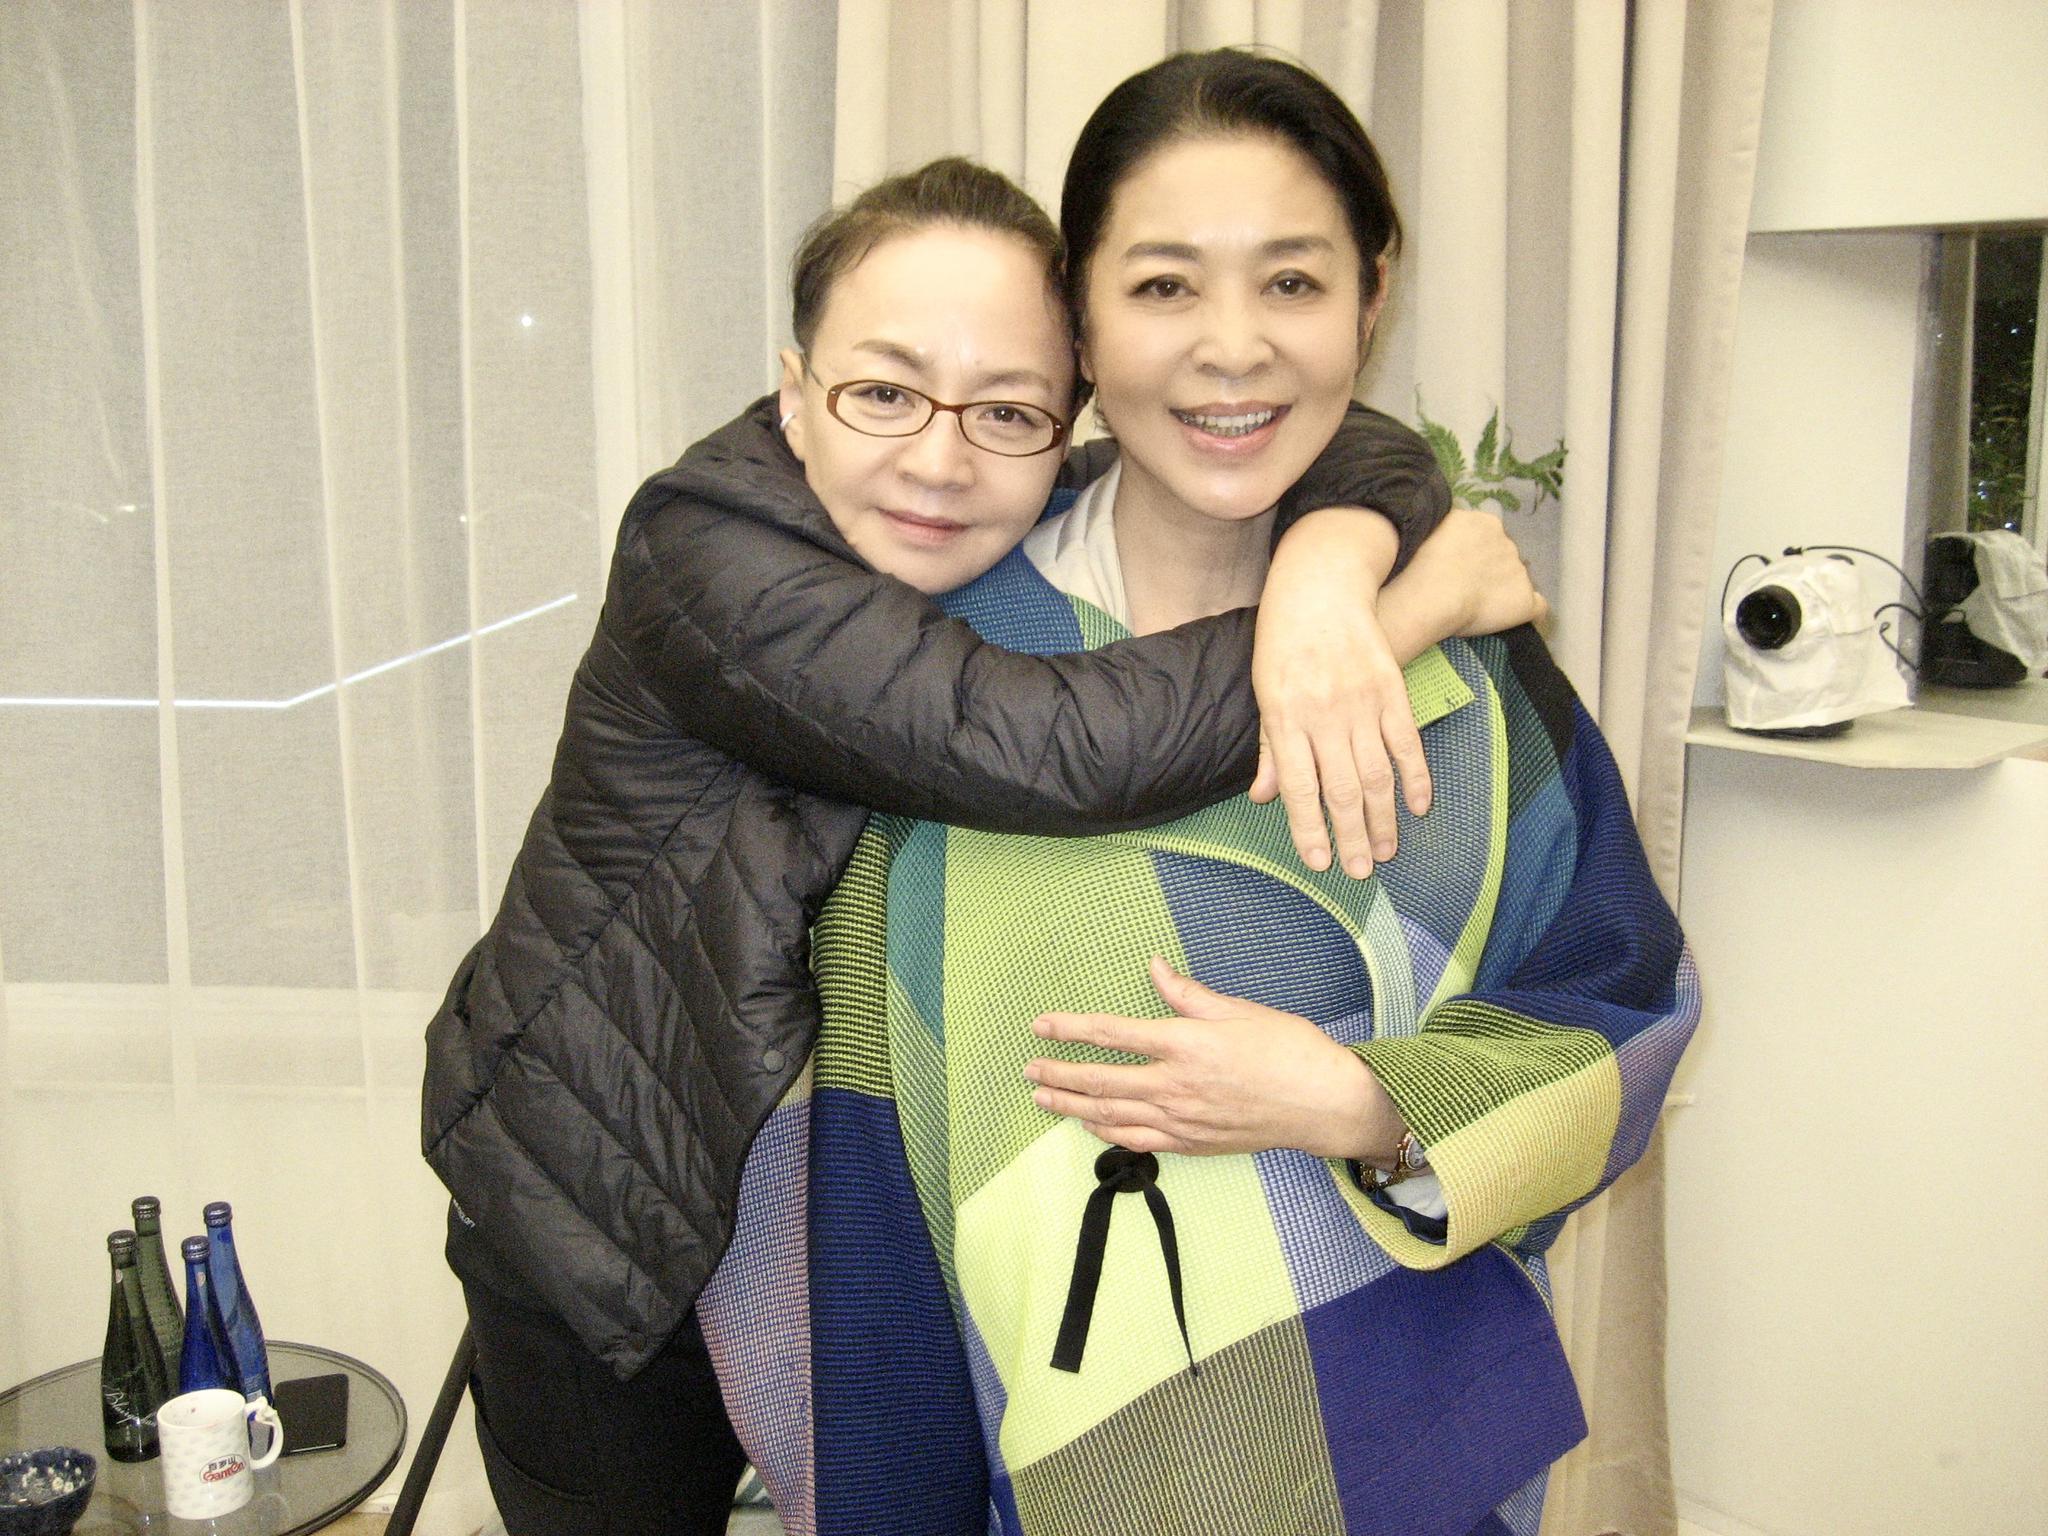 拥抱、道歉、加微信 倪萍宋丹丹20年后大和解